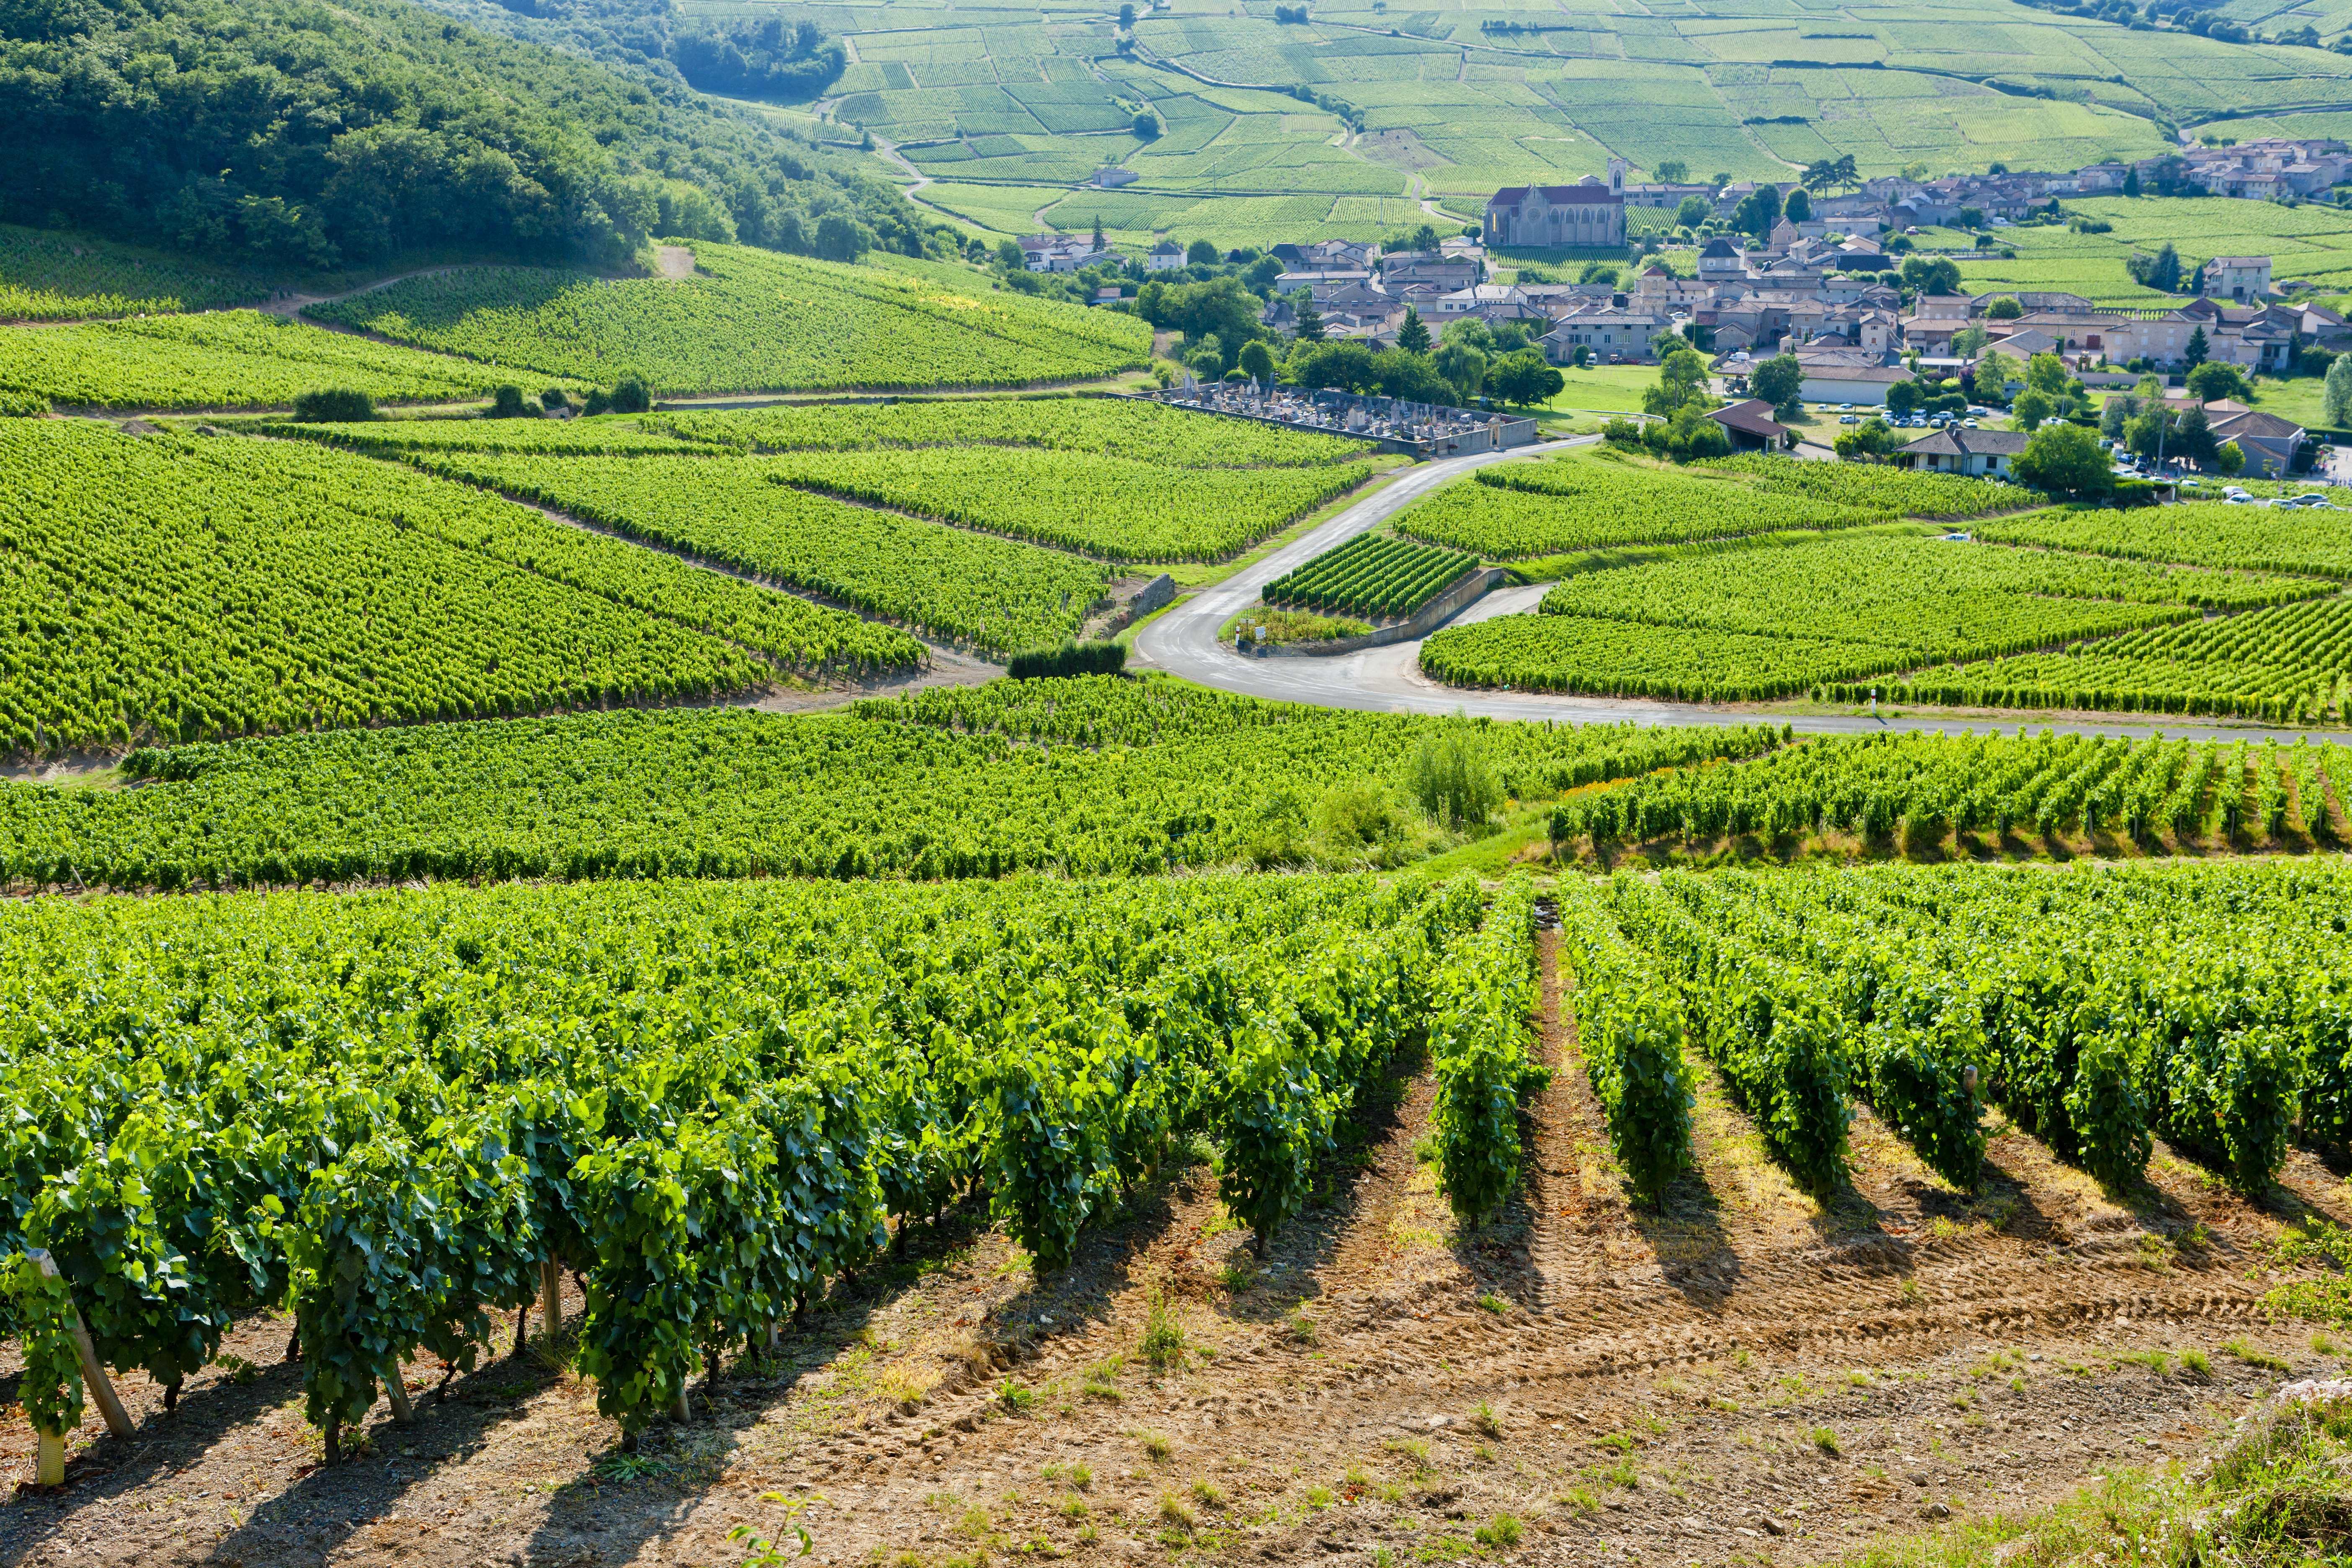 waarom is wijn zo duur